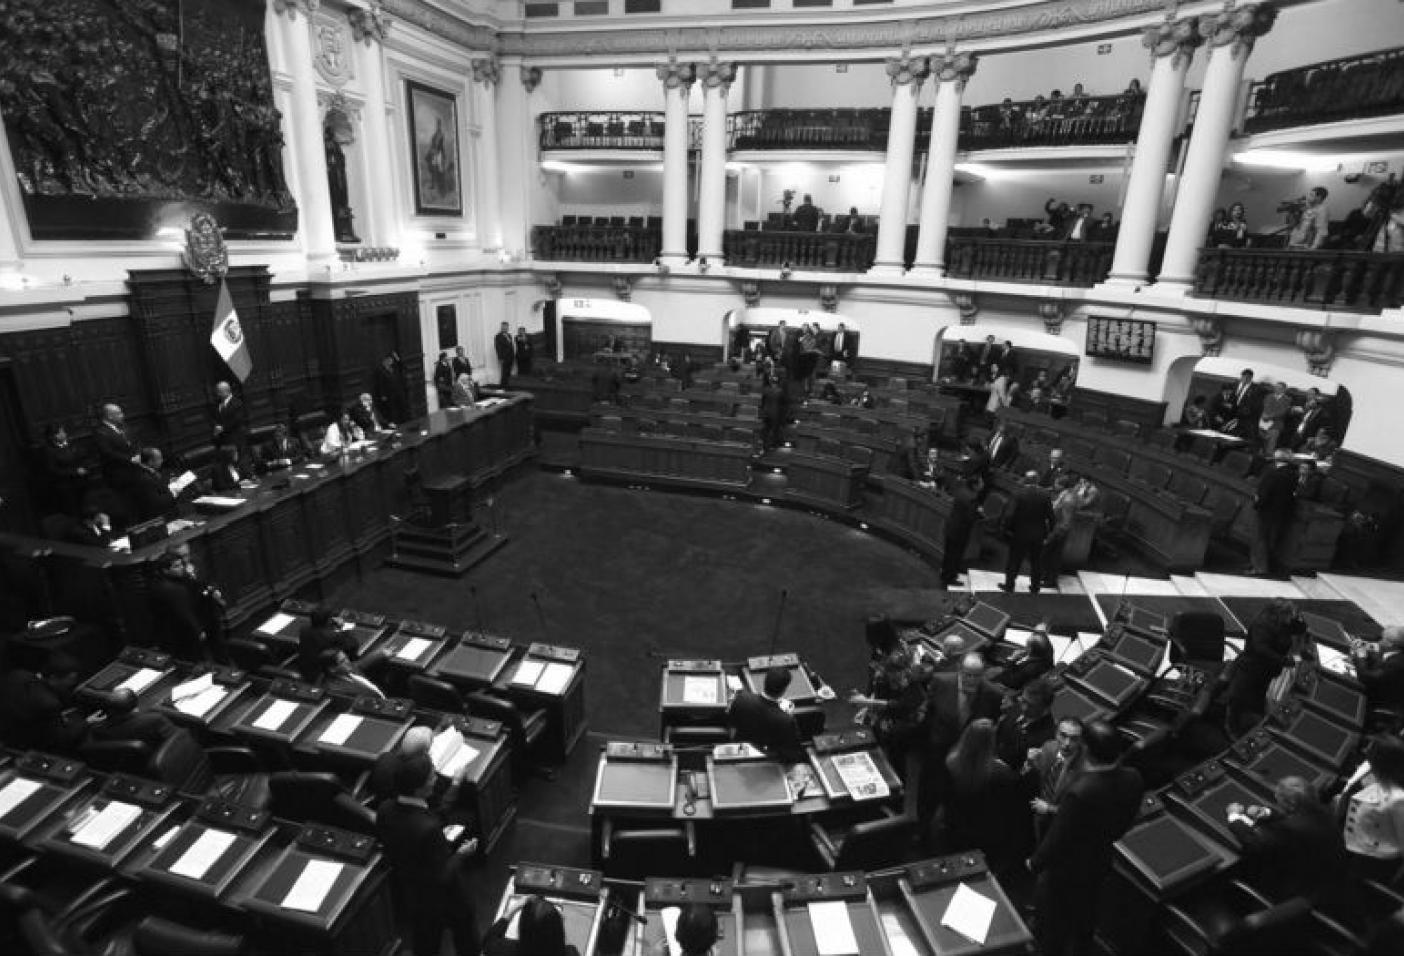 Repensar la autonomía de las instituciones democráticas: el Tribunal Constitucional y la Defensoría del Pueblo ante la mayoría partidaria en el Parlamento